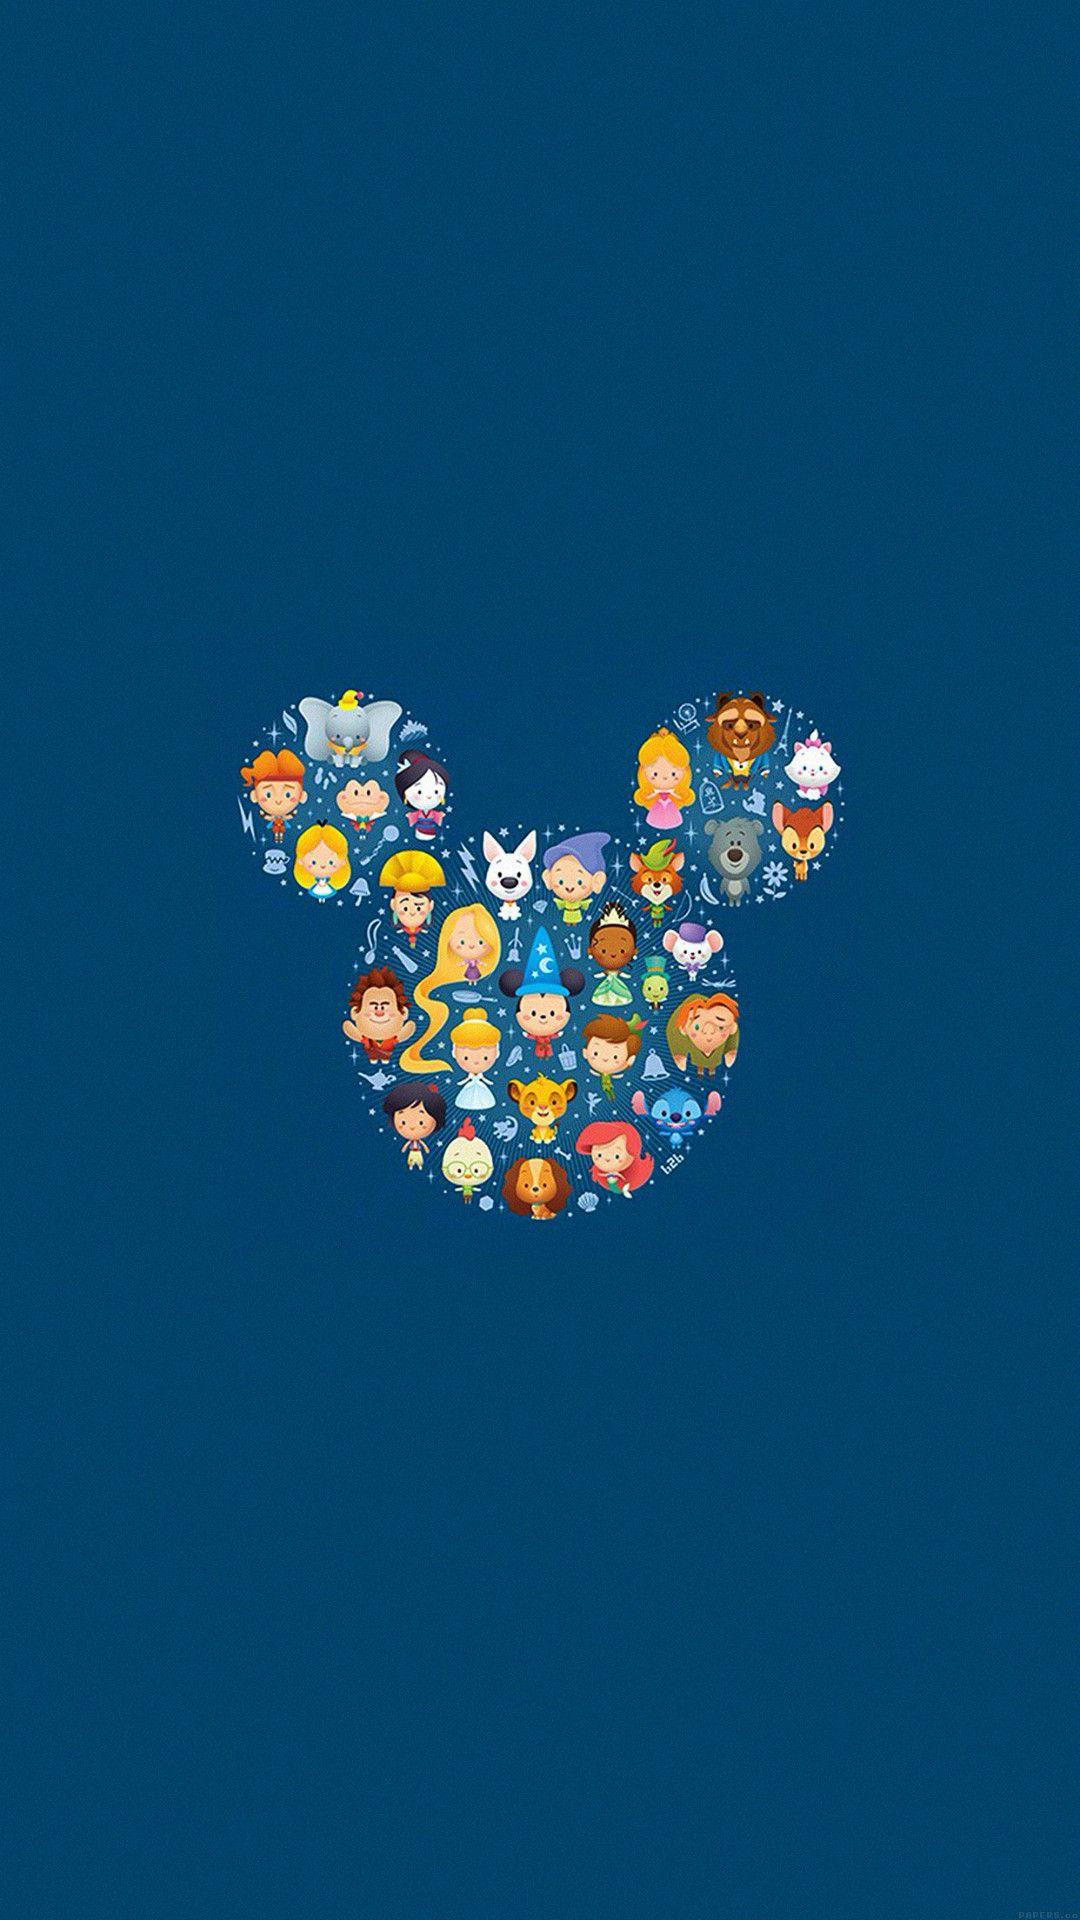 Disney Art Character Cute Illust IPhone 6 Wallpaper